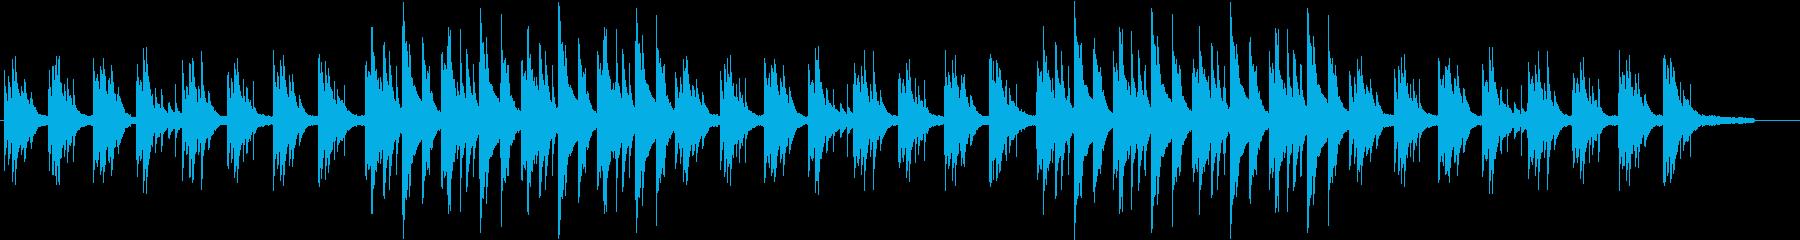 木漏れ日をイメージしたヒーリングBGMの再生済みの波形